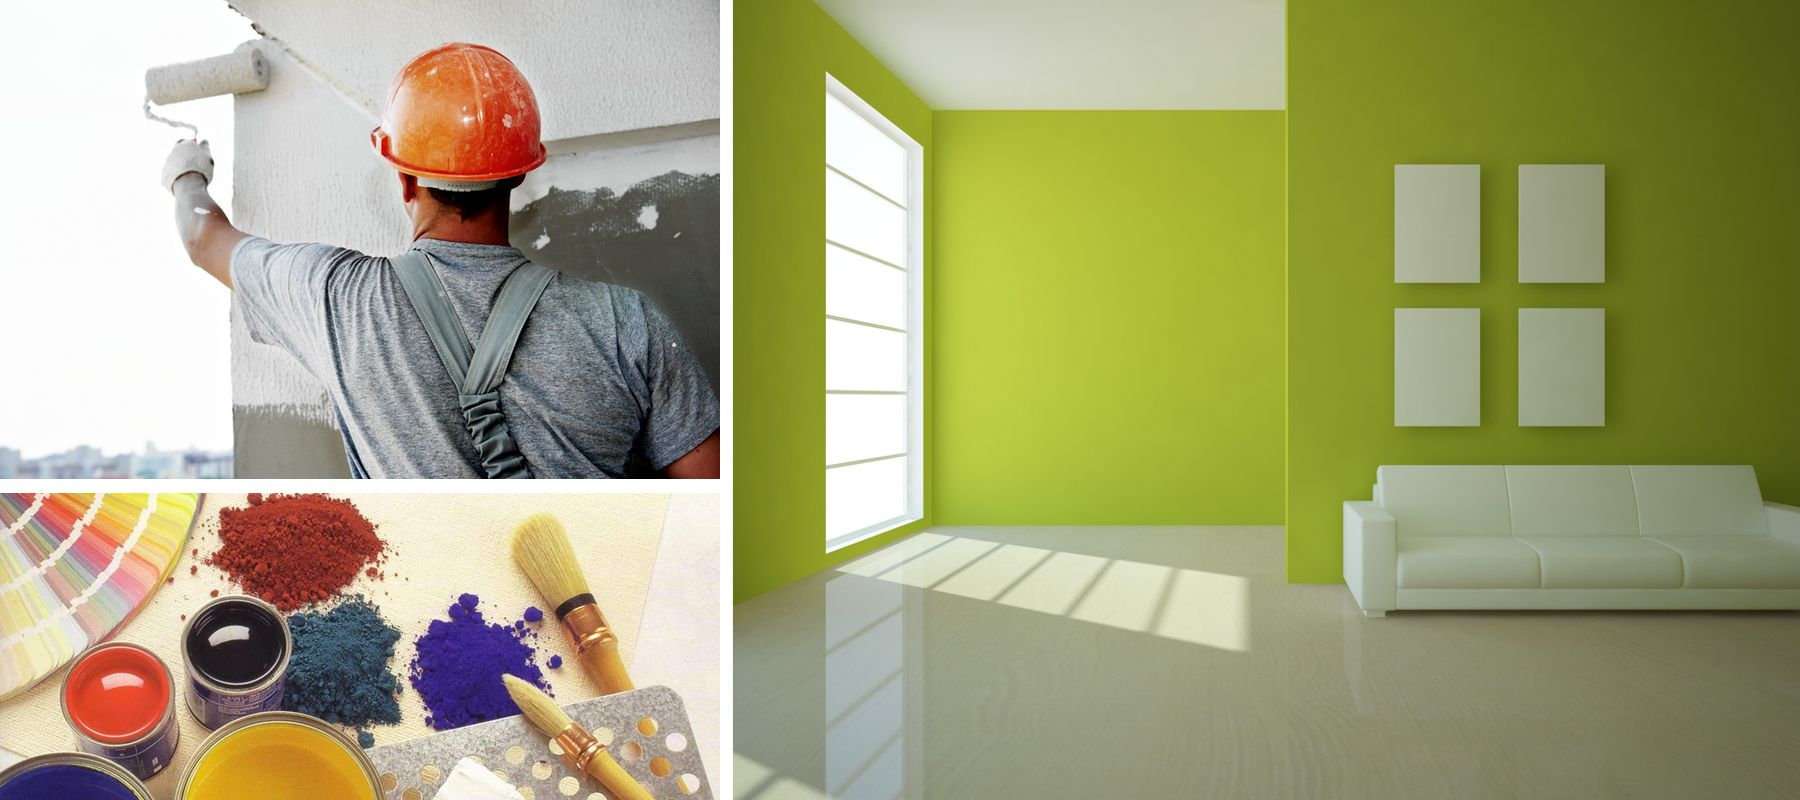 peindre soi m me ses murs les 3 conseils suivre baob t baob t. Black Bedroom Furniture Sets. Home Design Ideas